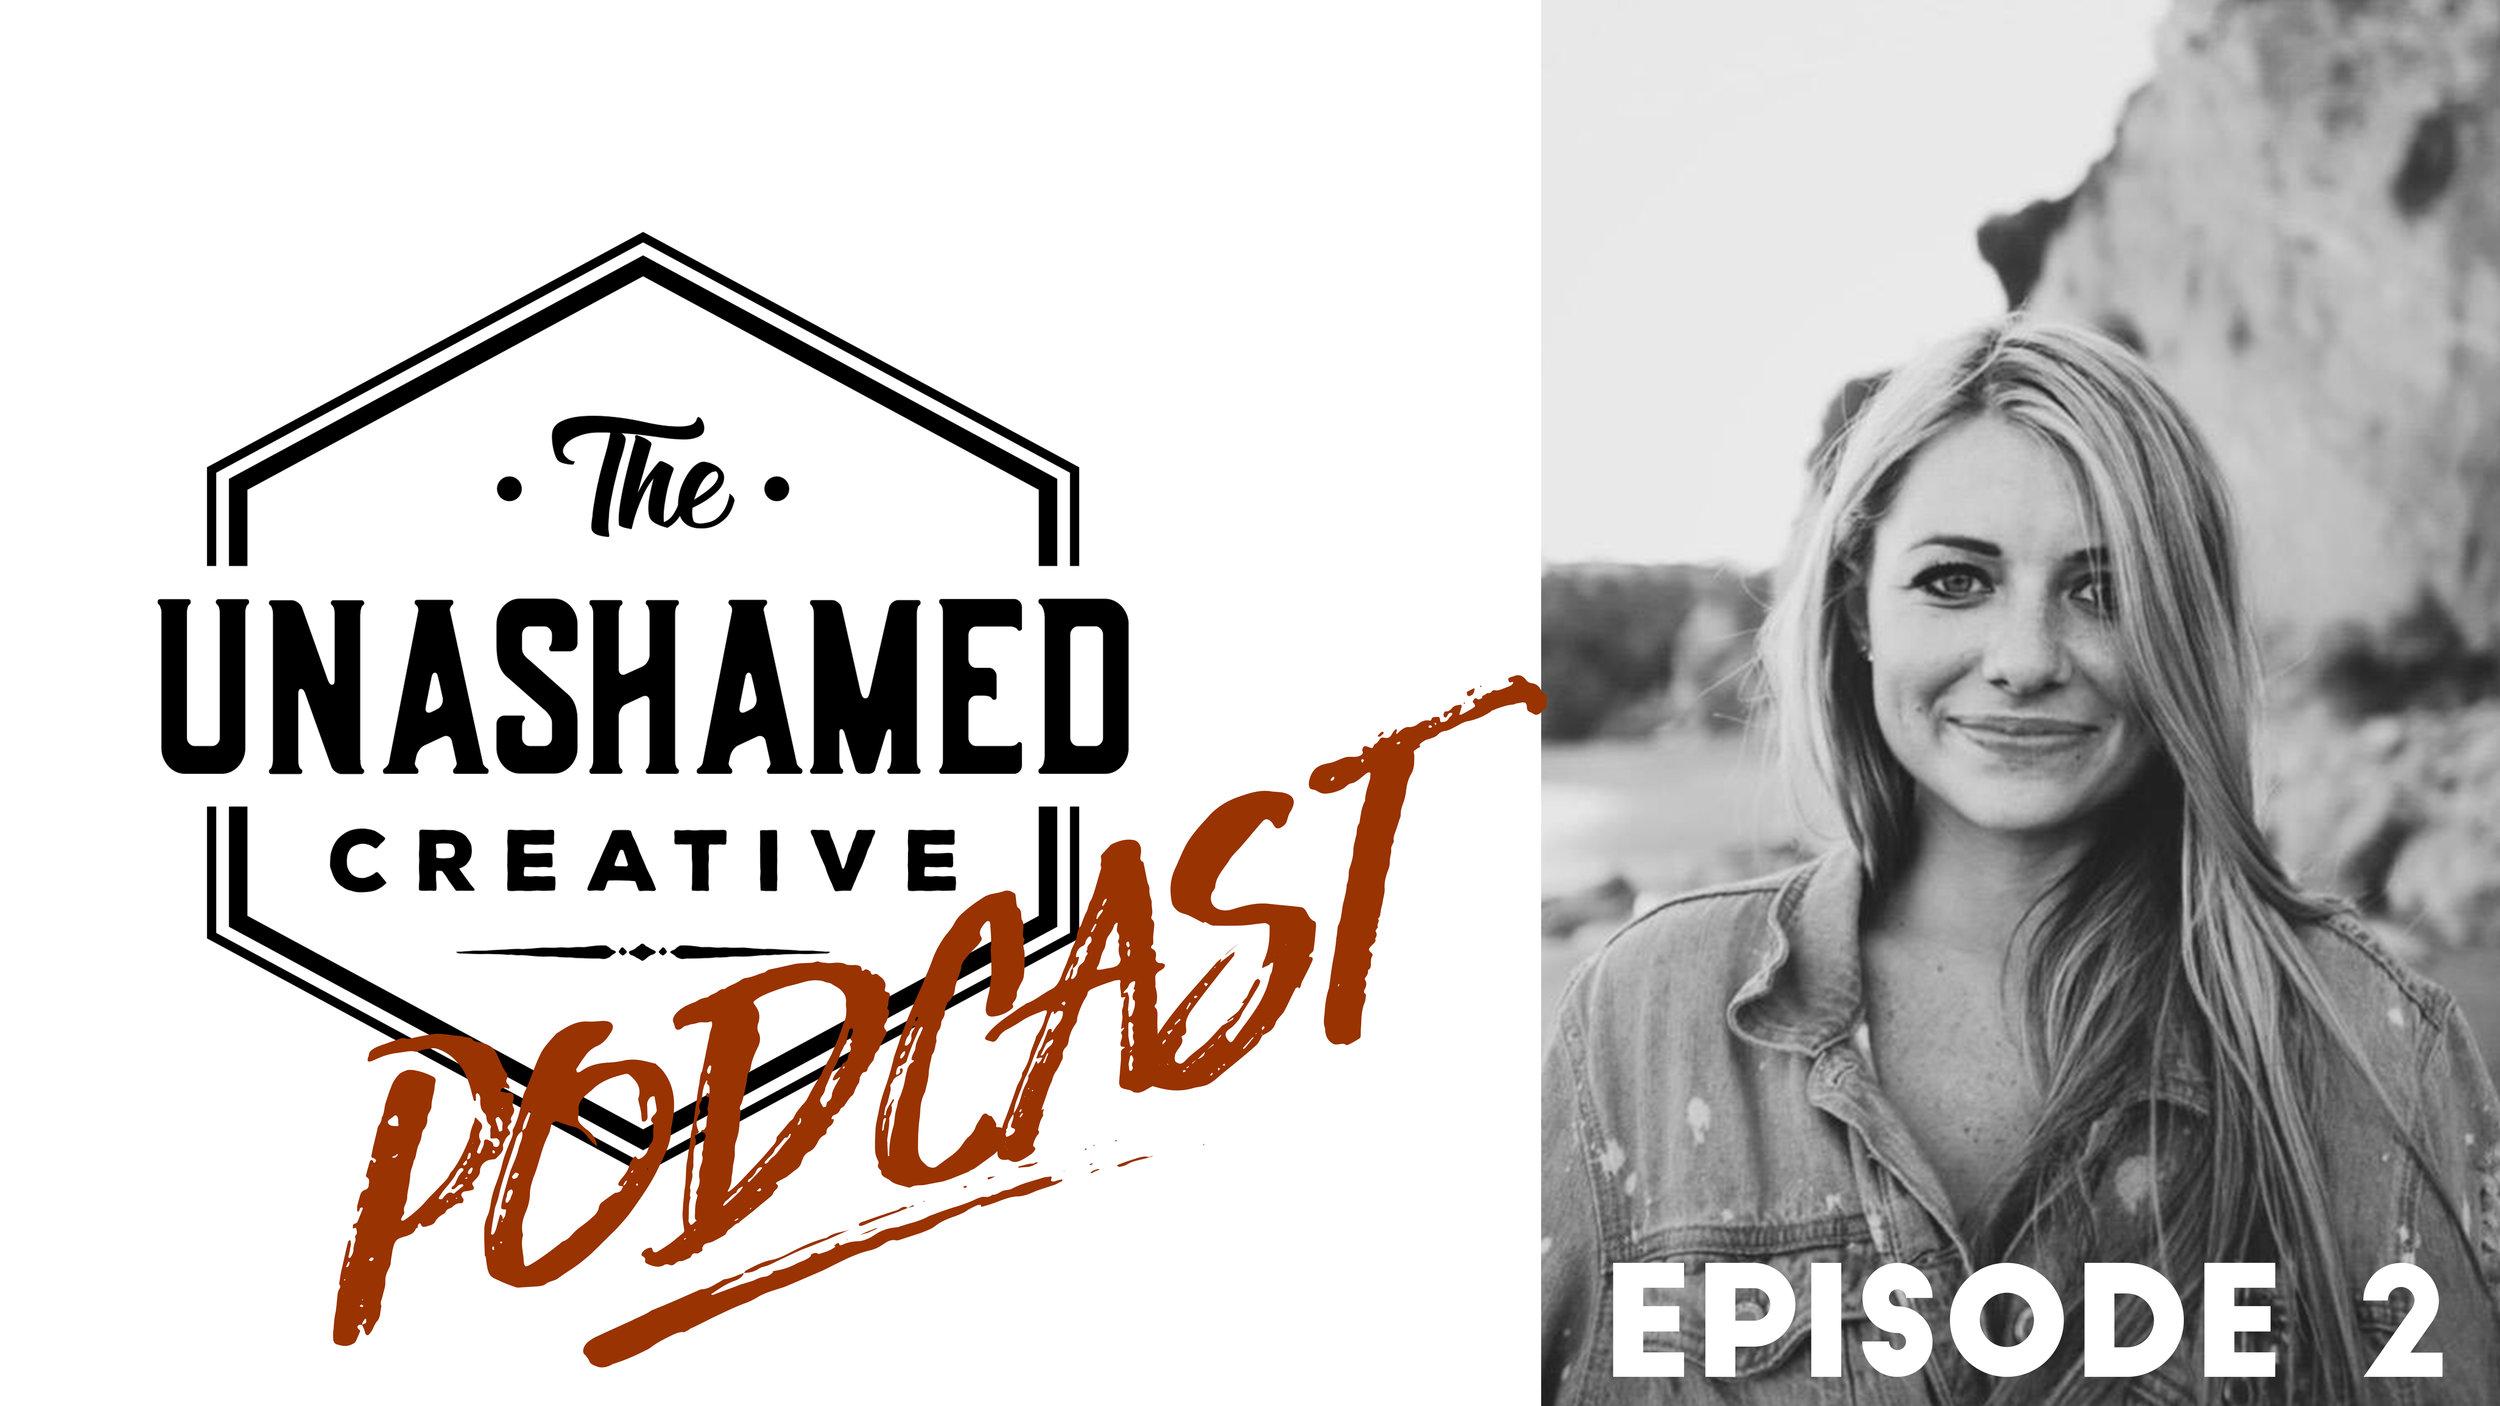 The Unashamed Creative Podcast Episode 2.jpg